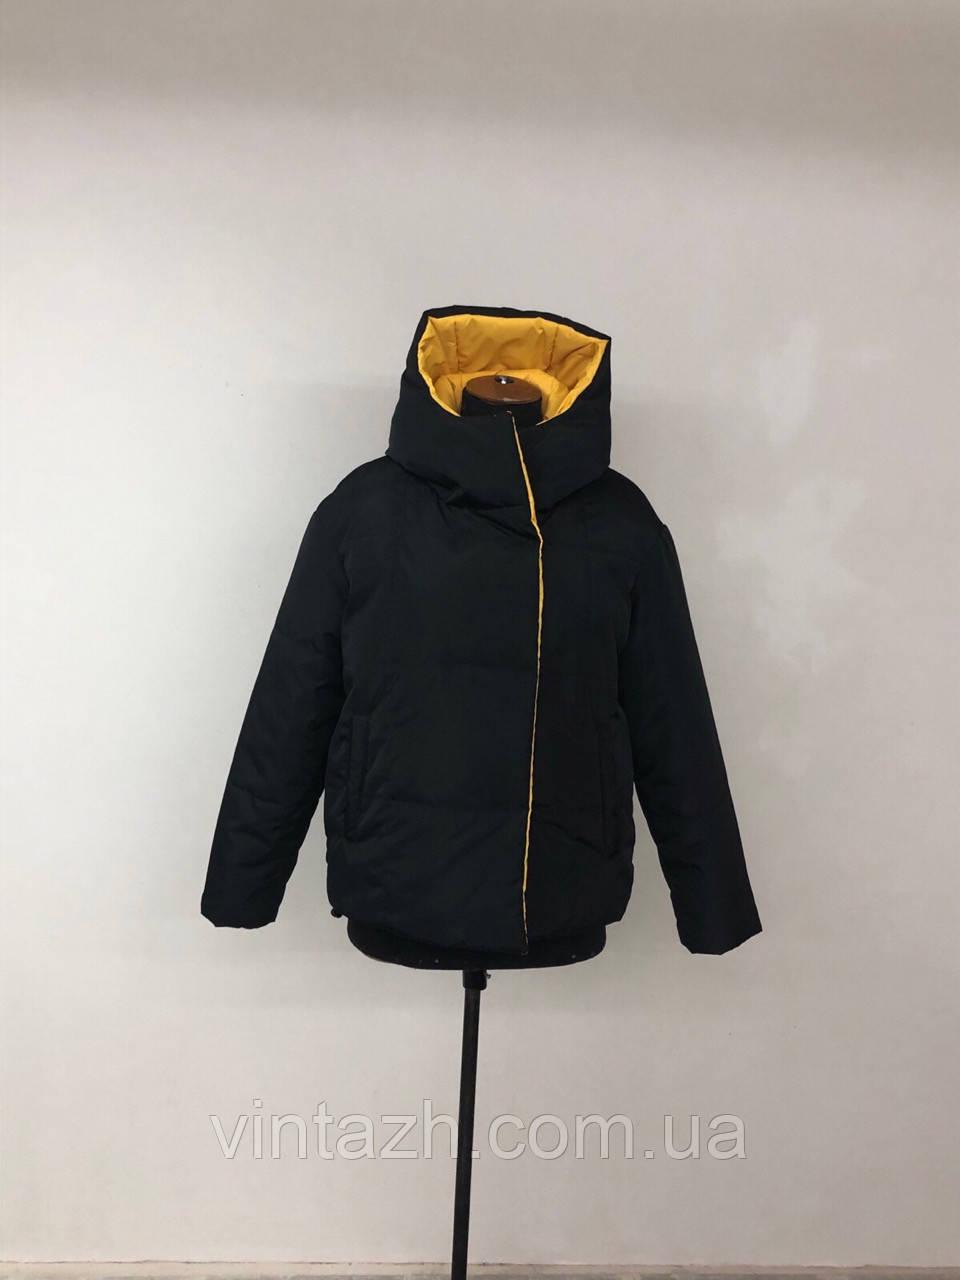 Женская яркая куртка деми двухсторонняя размеры 44-52